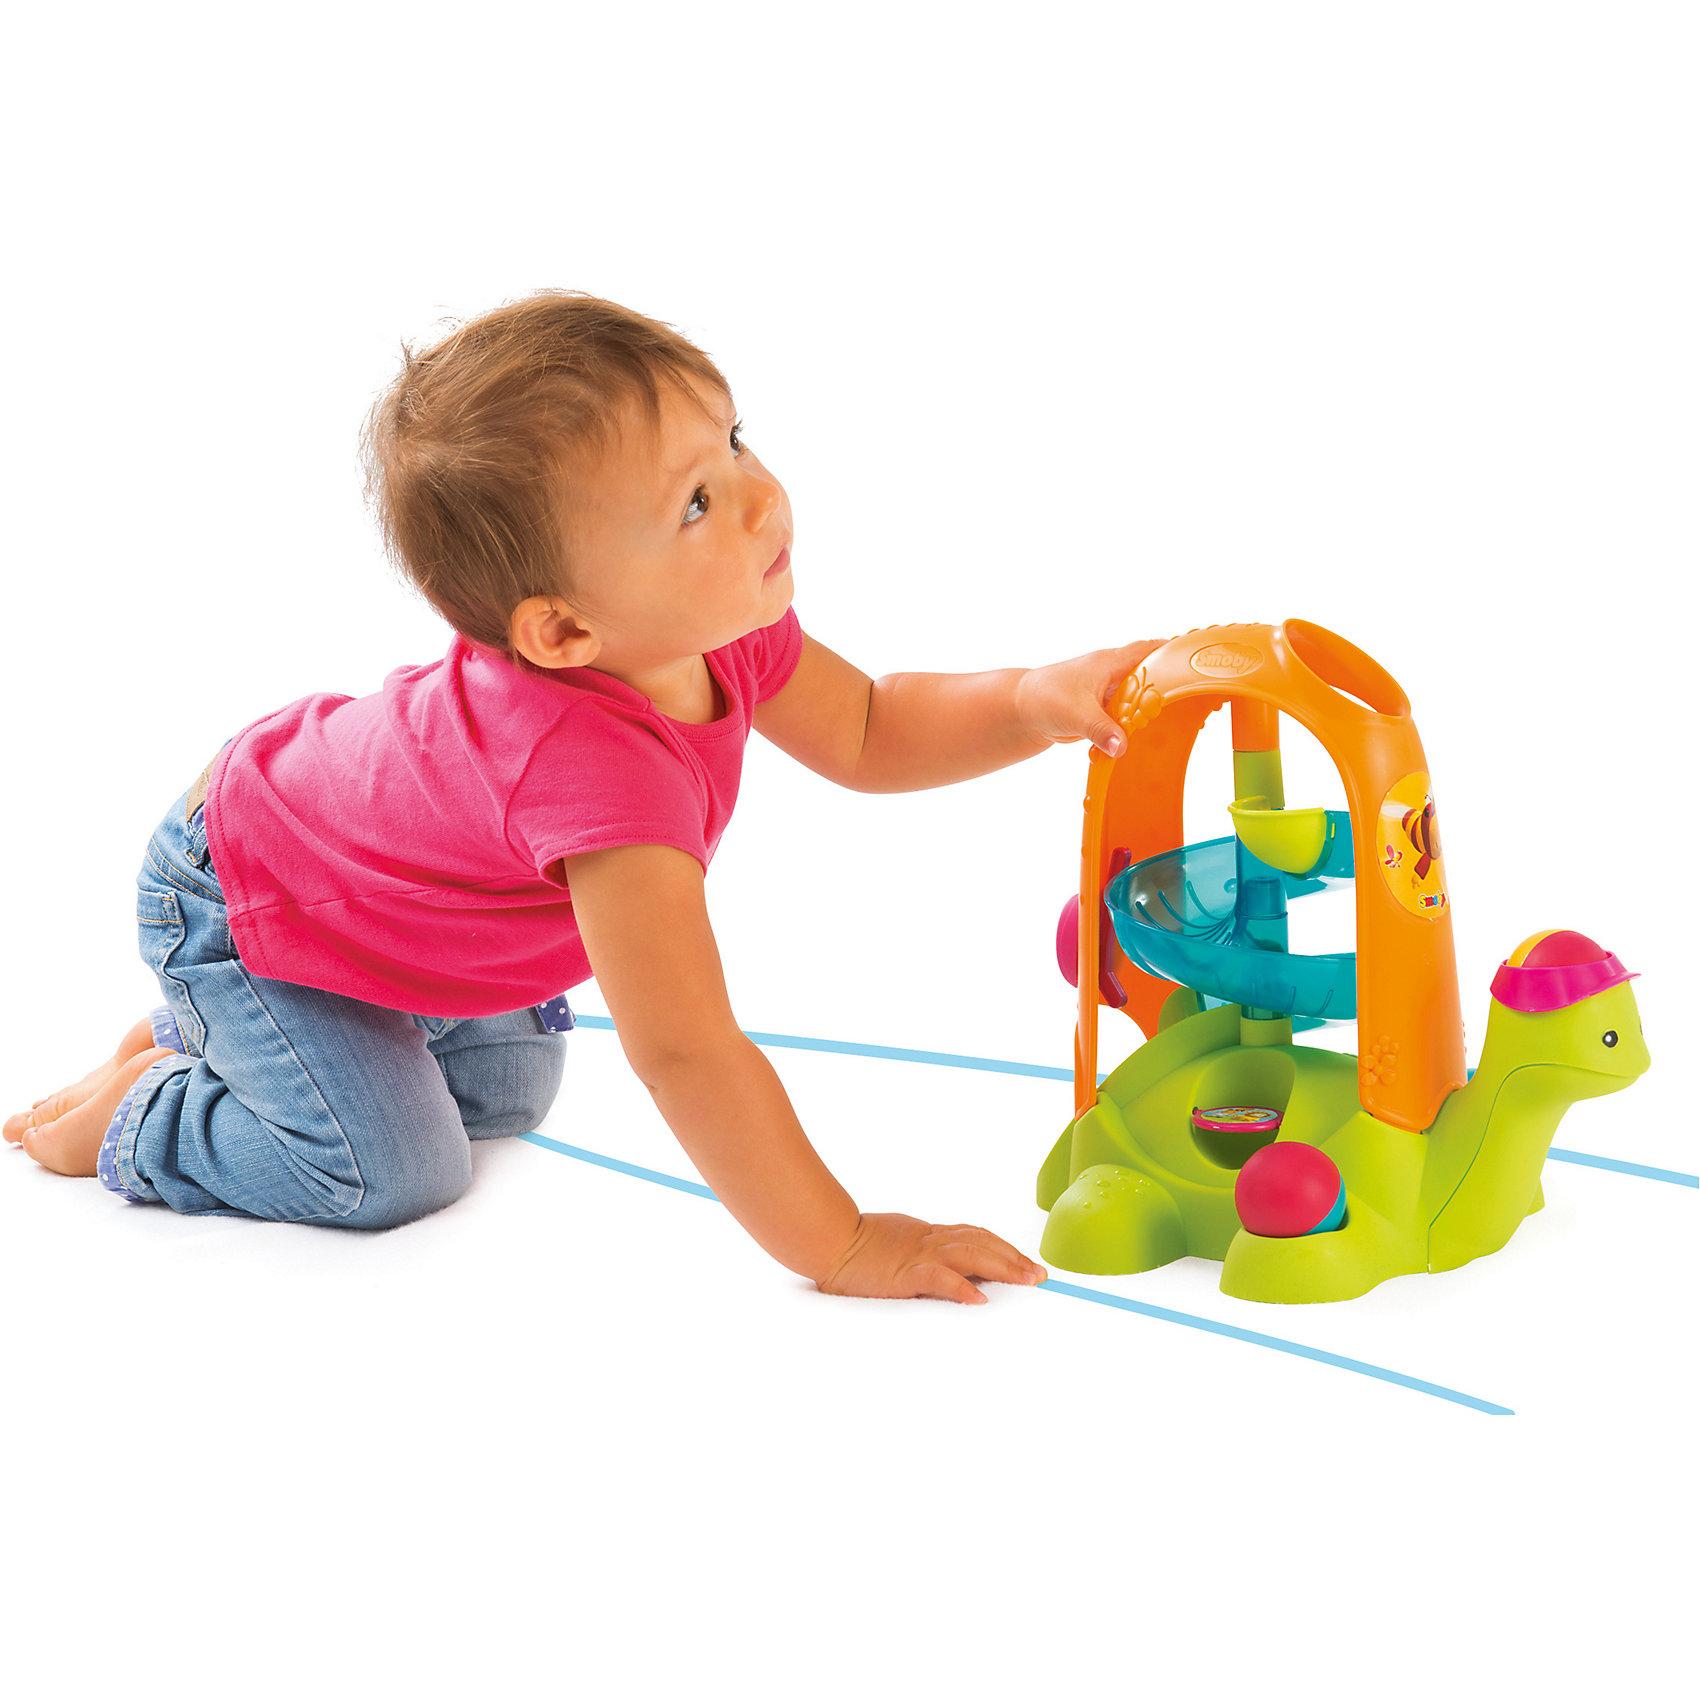 Игрушки для девочек развивающие картинки